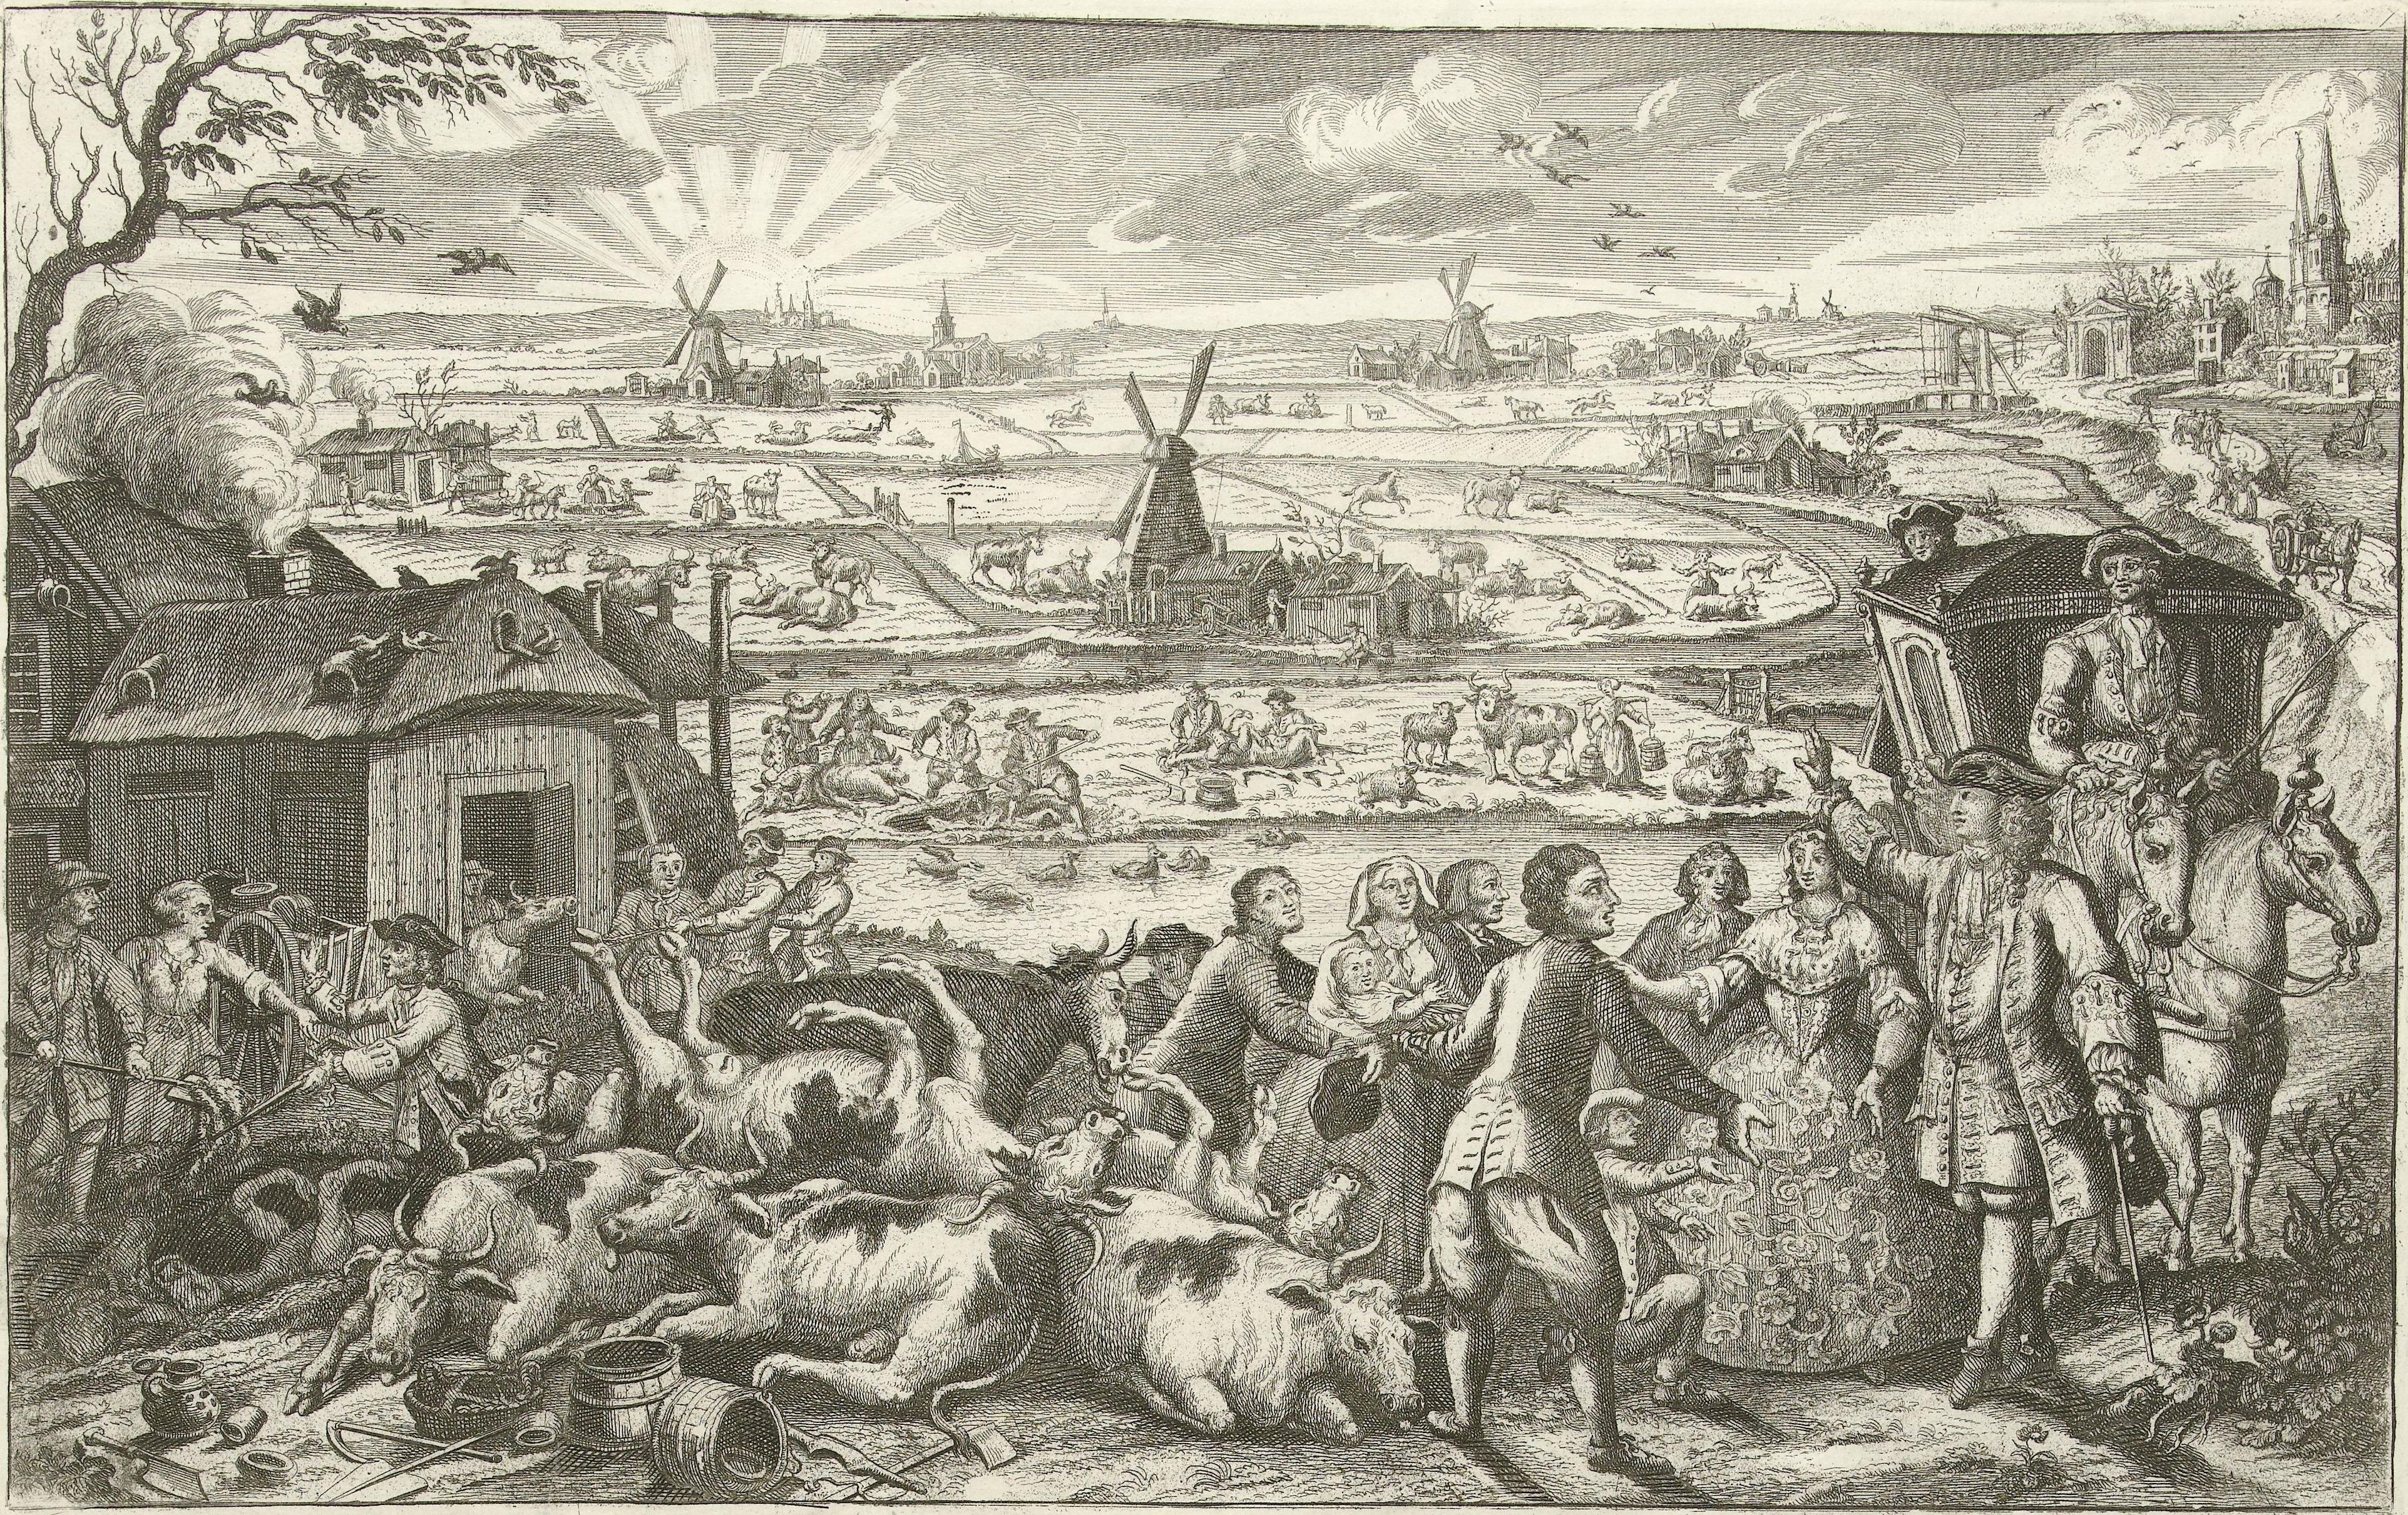 Bestand:Runderpest in Nederland 18e eeuw.jpg - Wikipedia